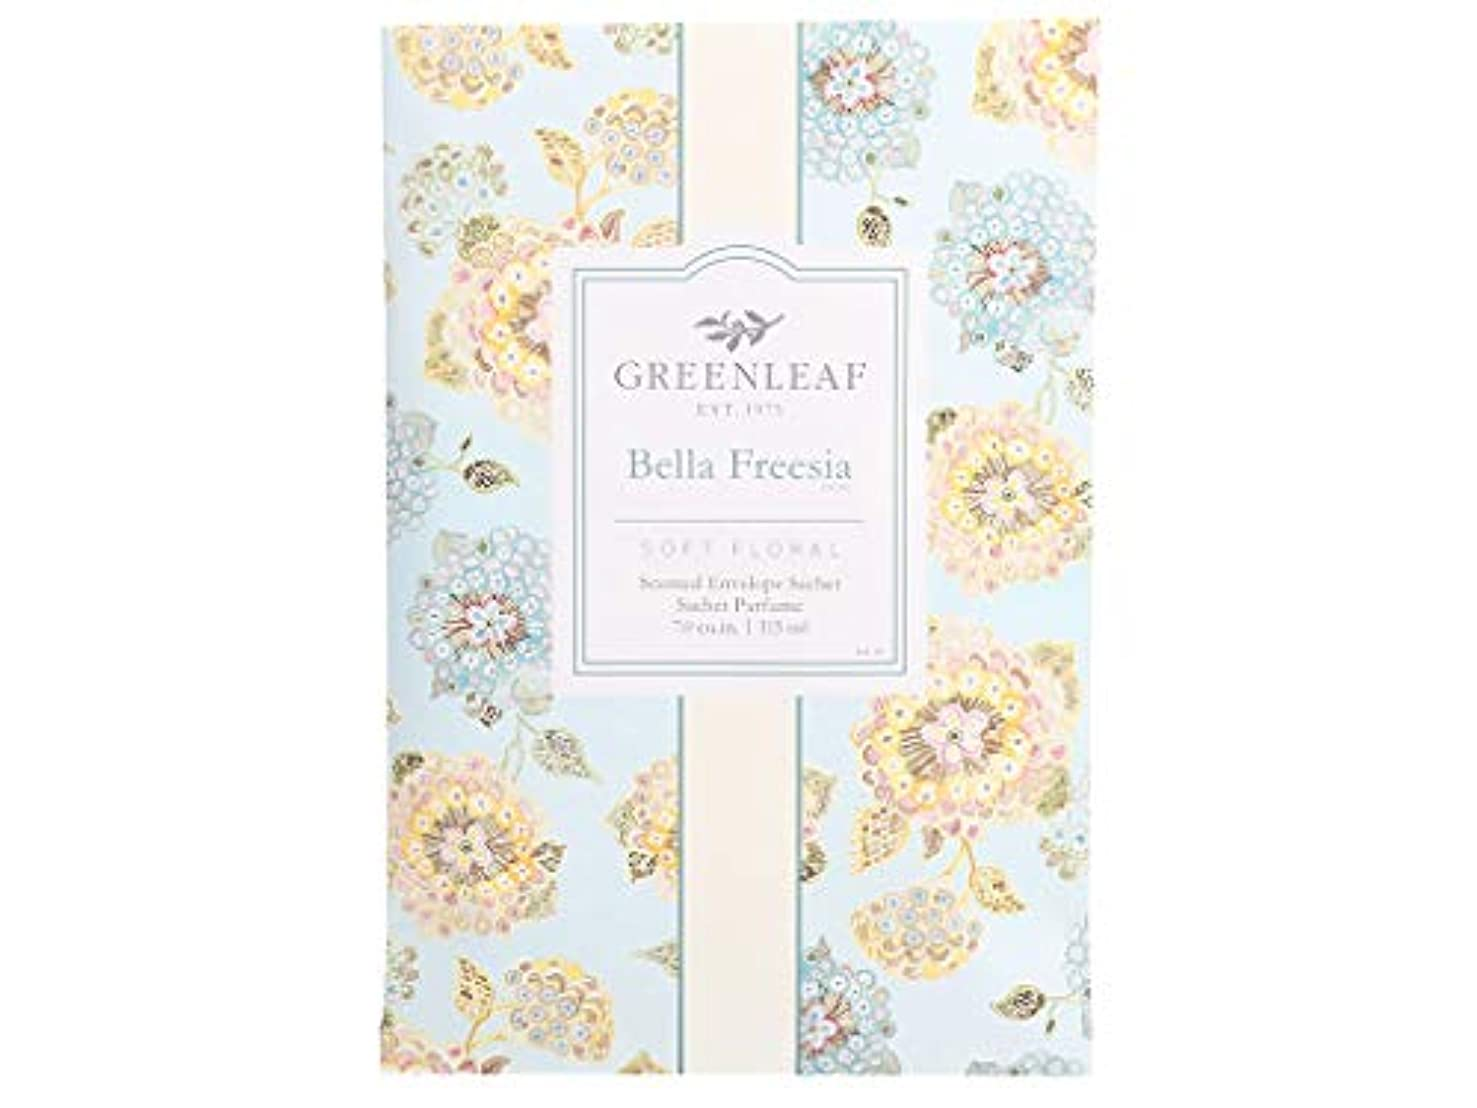 彼女結婚式始まりグリーンリーフ(GREENLEAF) GREENLEAF フレッシュセンツL ベラフリージア 約11.7W×17H(cm) 115ml